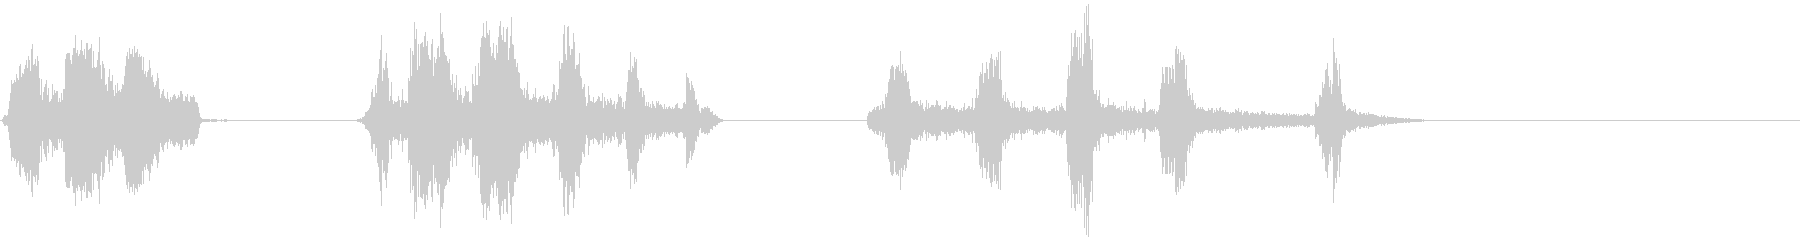 マラード、3バージョン、バード; ...の未再生の波形